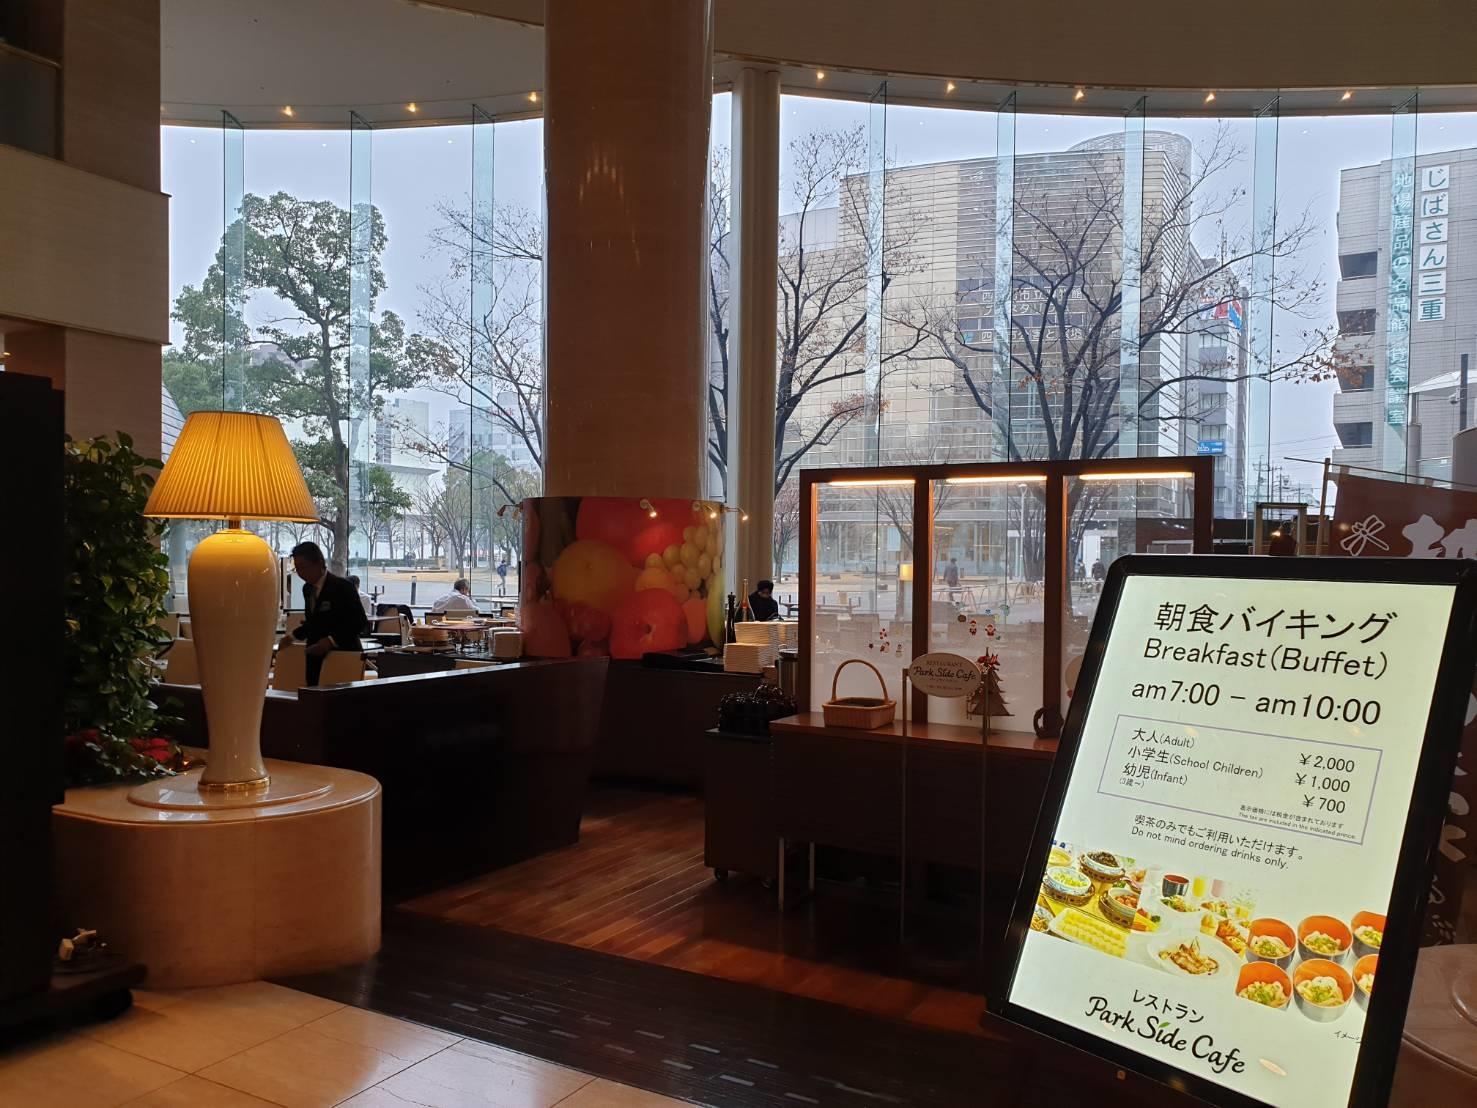 3. โรงแรม Miyako 200211 0001